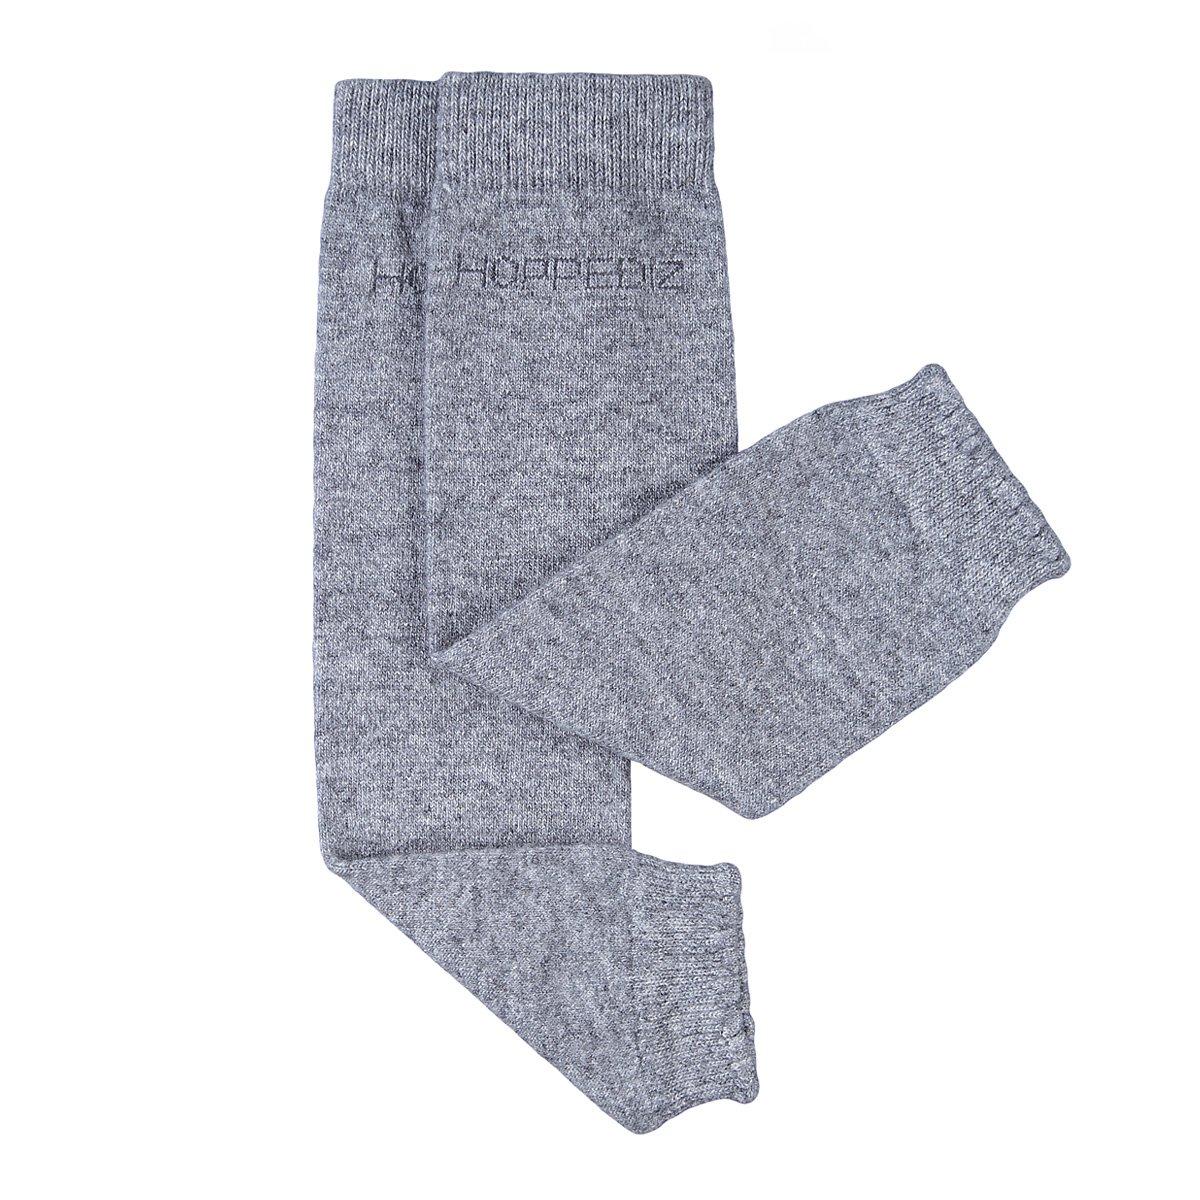 Hoppediz–Cachemira/Lana de merino bebé calentadores de la pierna (gris) HOPPEDIZ GmbH & Co. KG Stk-gra